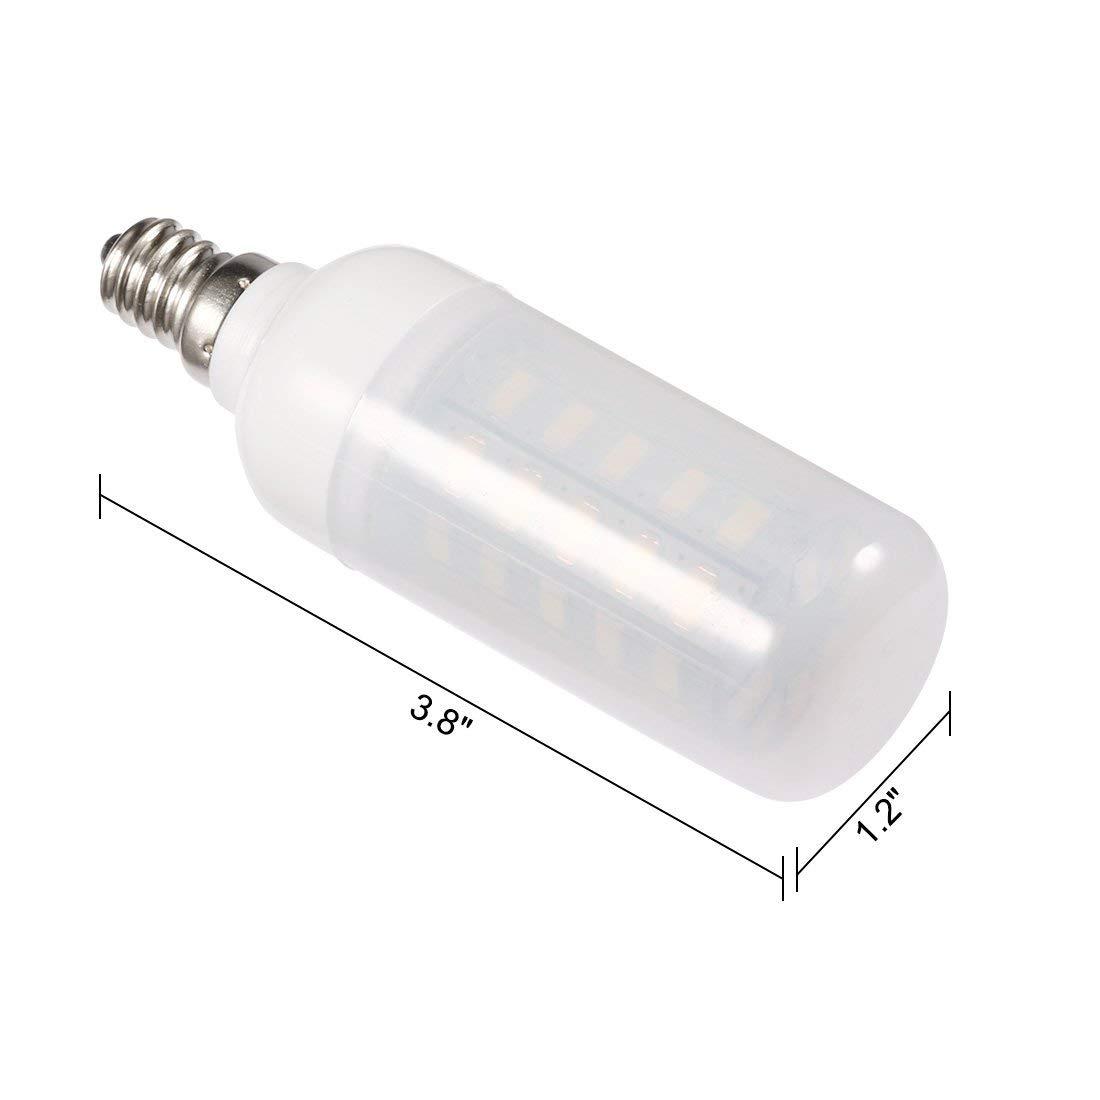 Bombillas LED ALCOMPRA E12, Bombillas LED Candelabros de 7W ...